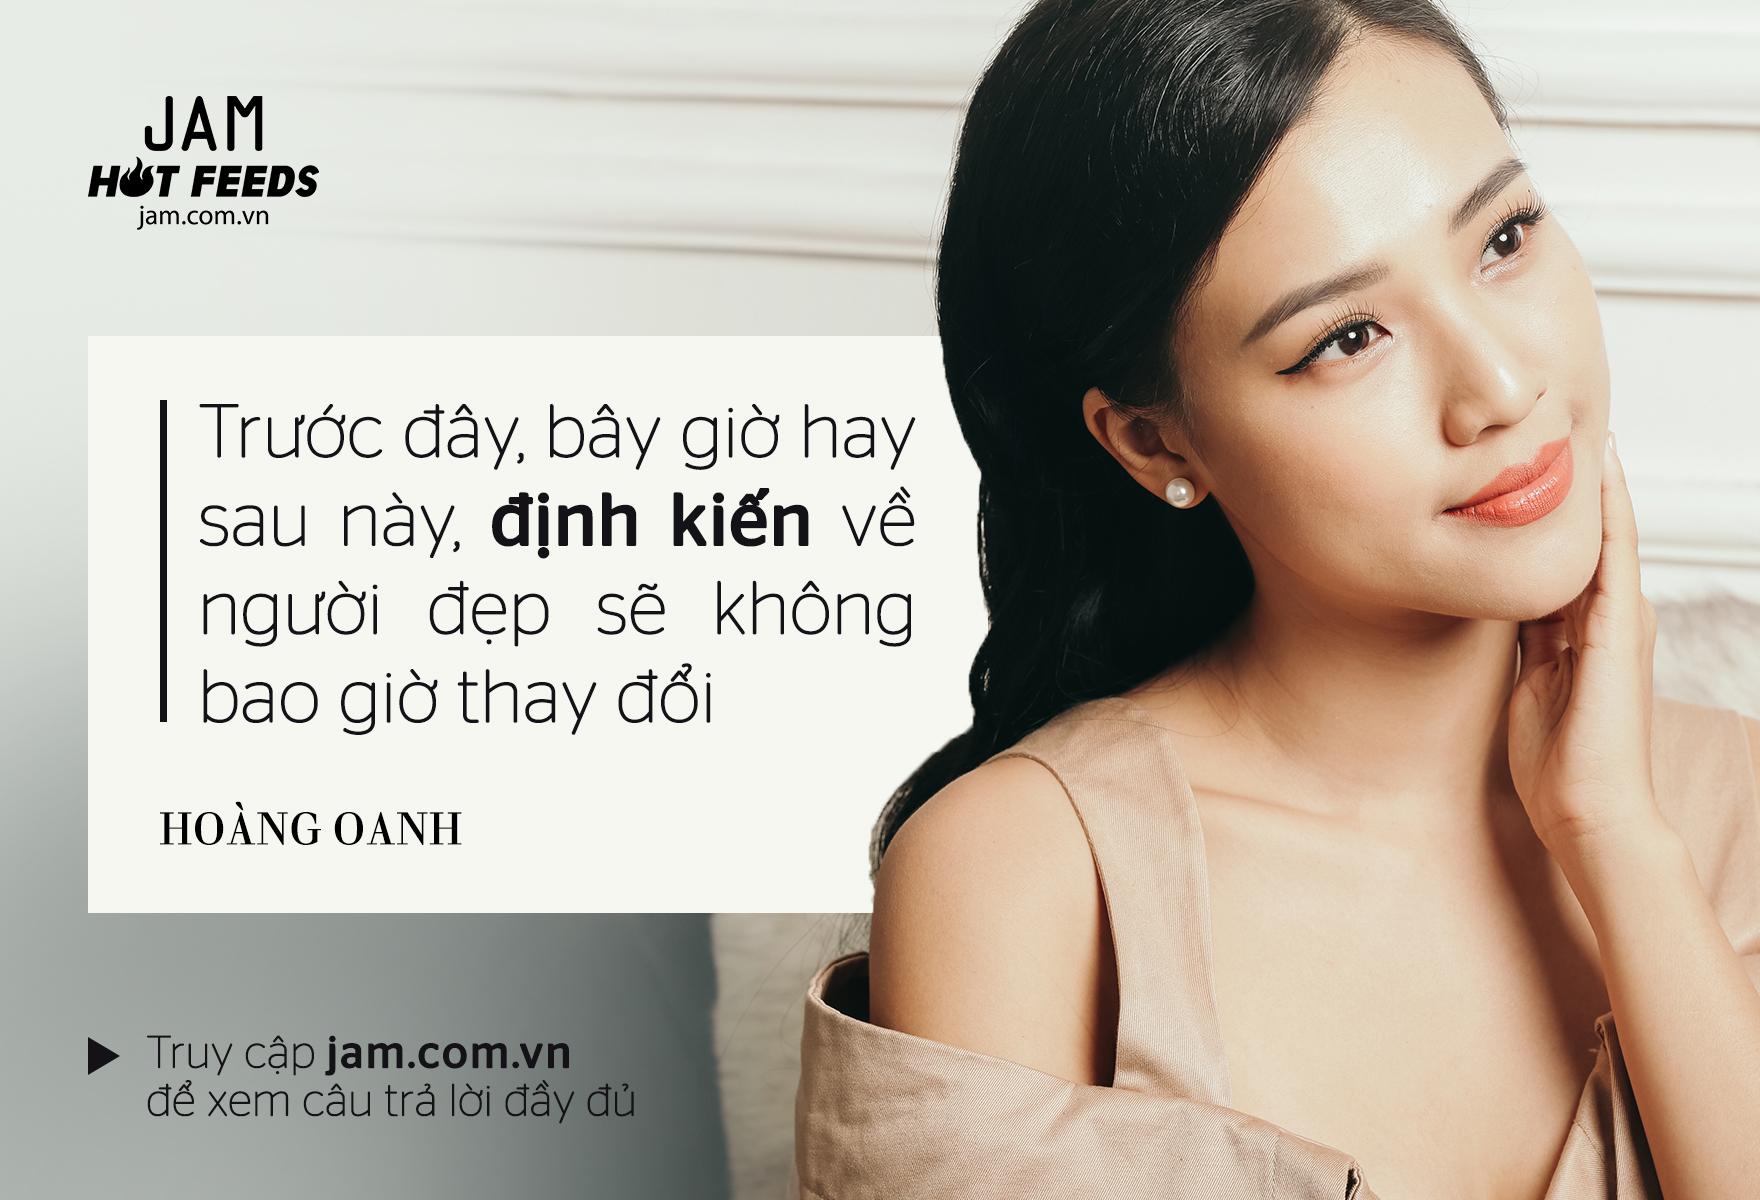 Hoàng Oanh: Tình yêu với Huỳnh Anh vẫn là một tình yêu đẹp và trọn vẹn - Ảnh 10.